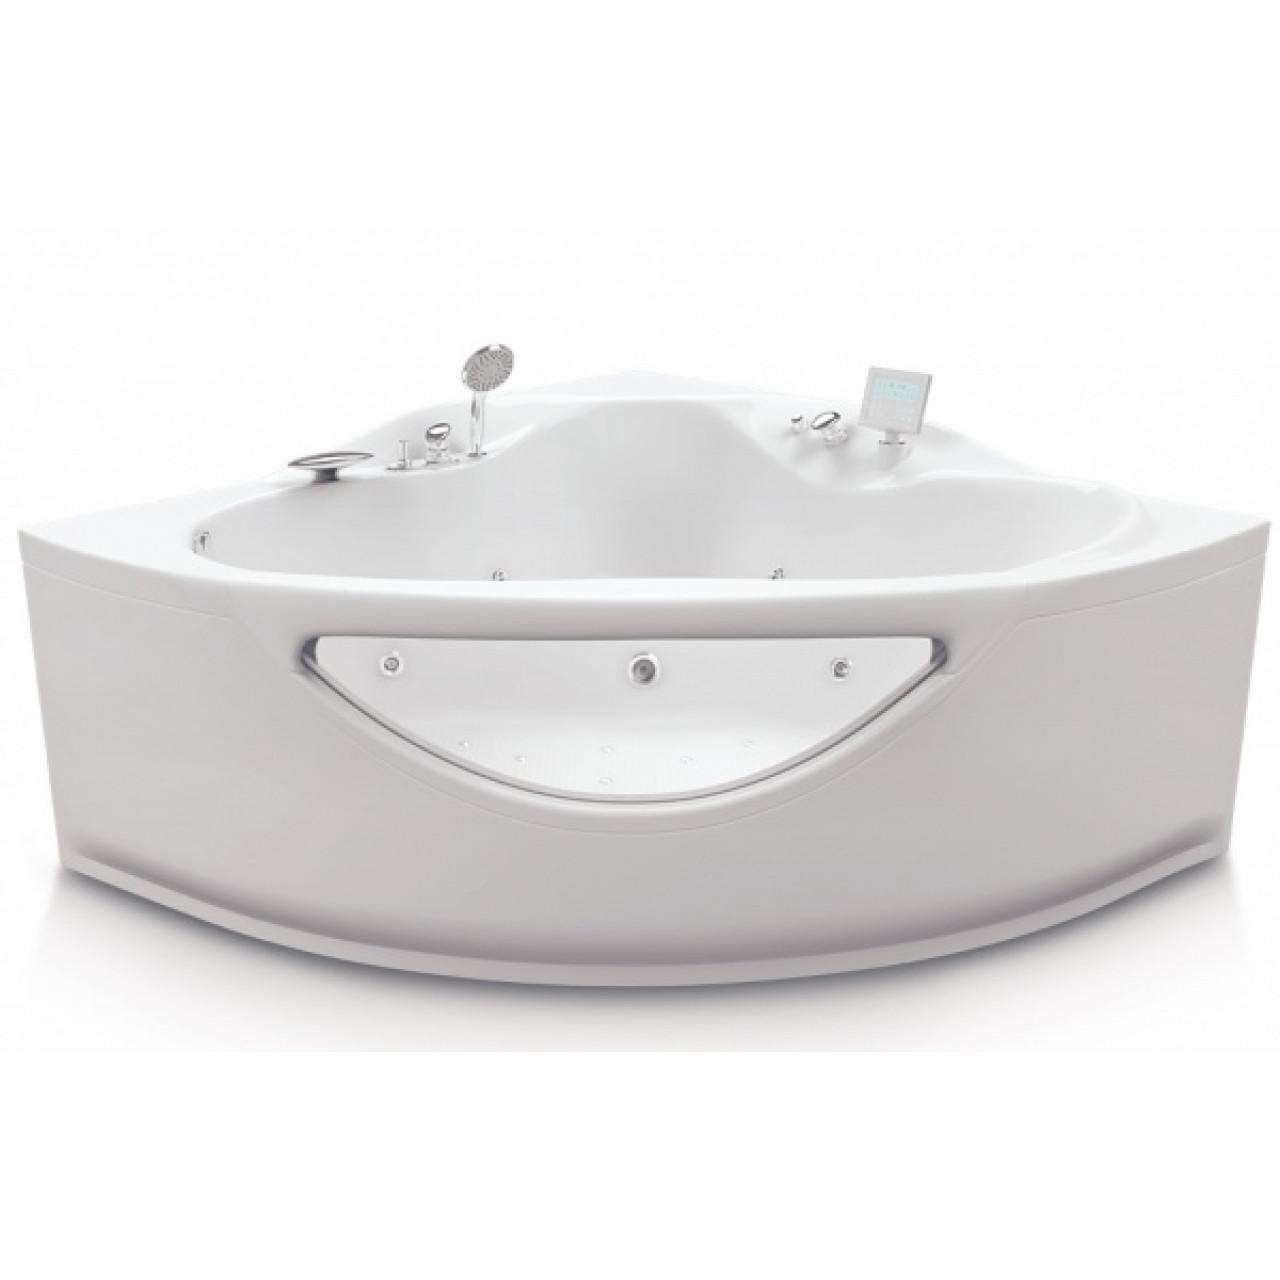 Акриловая ванна Акватика Панорама 3D 155x155x73 купить в Москве по цене от 245356р. в интернет-магазине mebel-v-vannu.ru